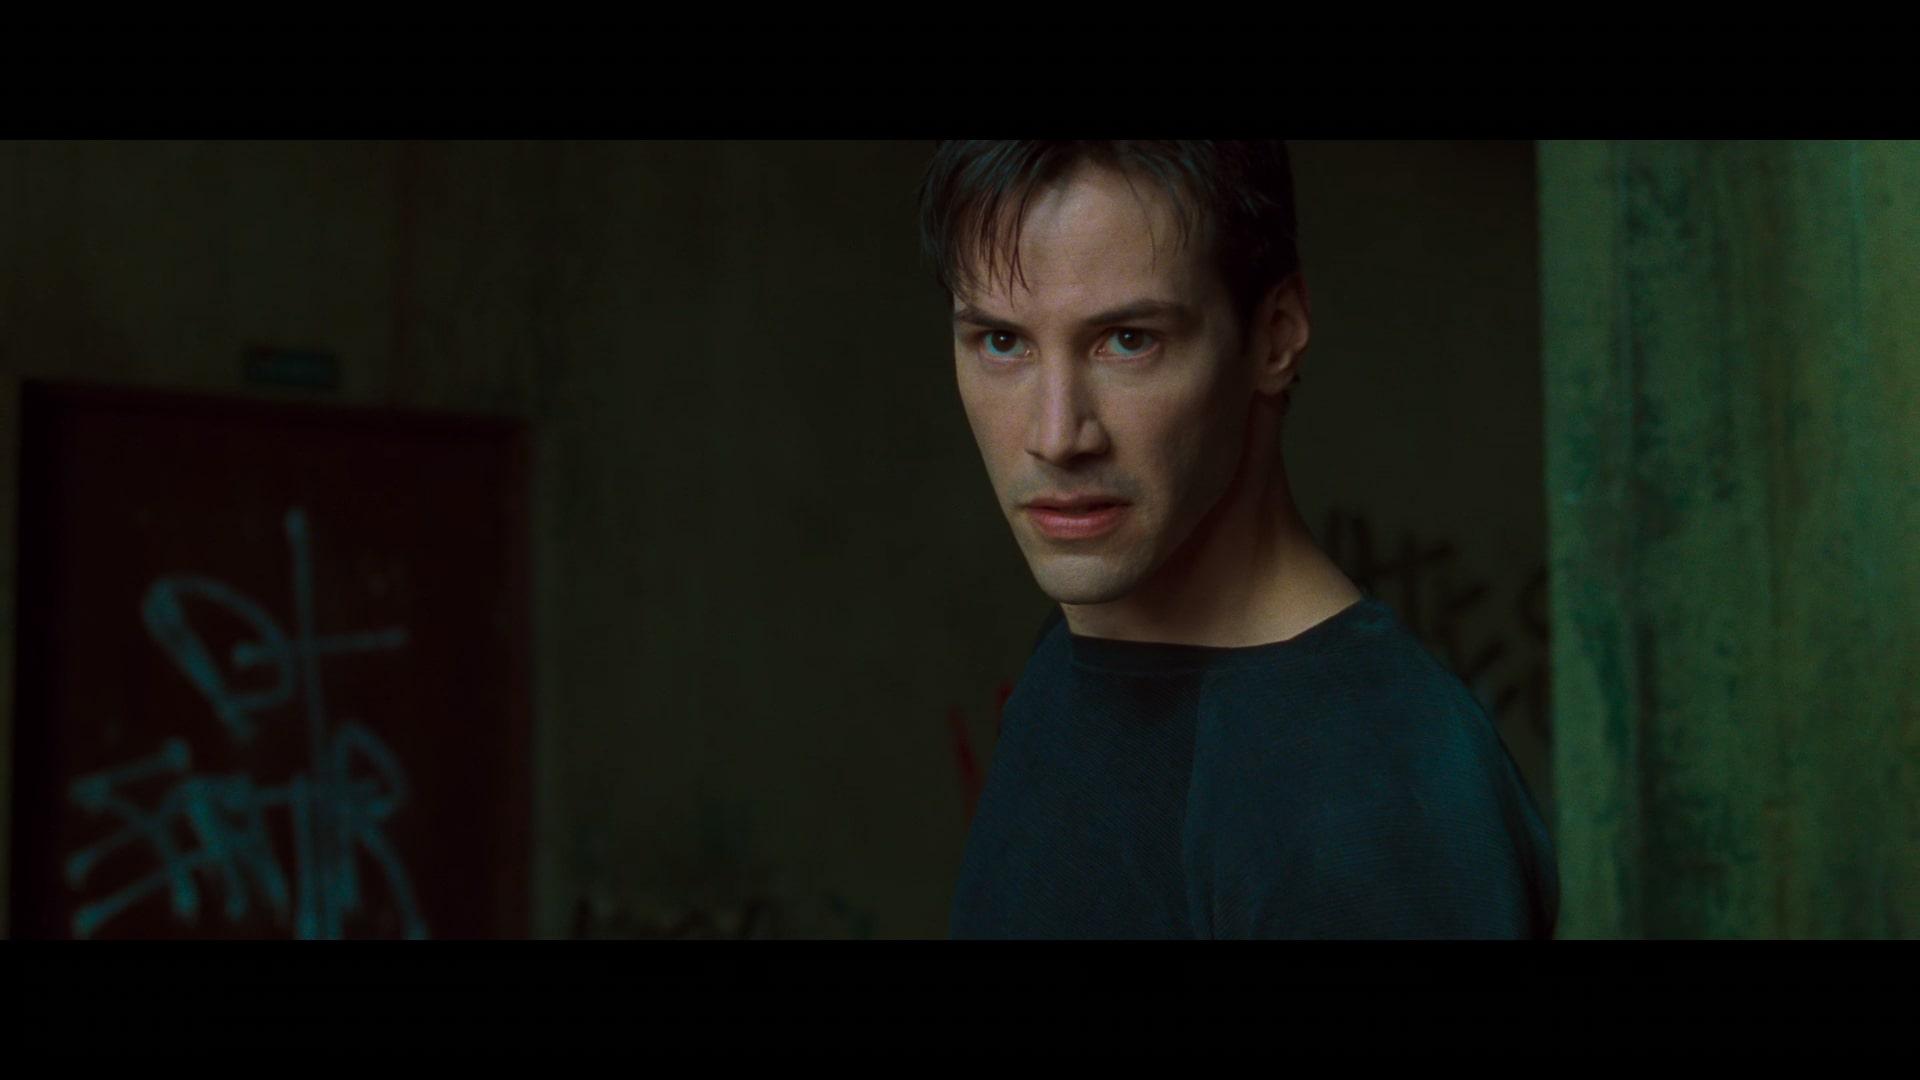 matrix filmi ne zaman çıkacak yeni